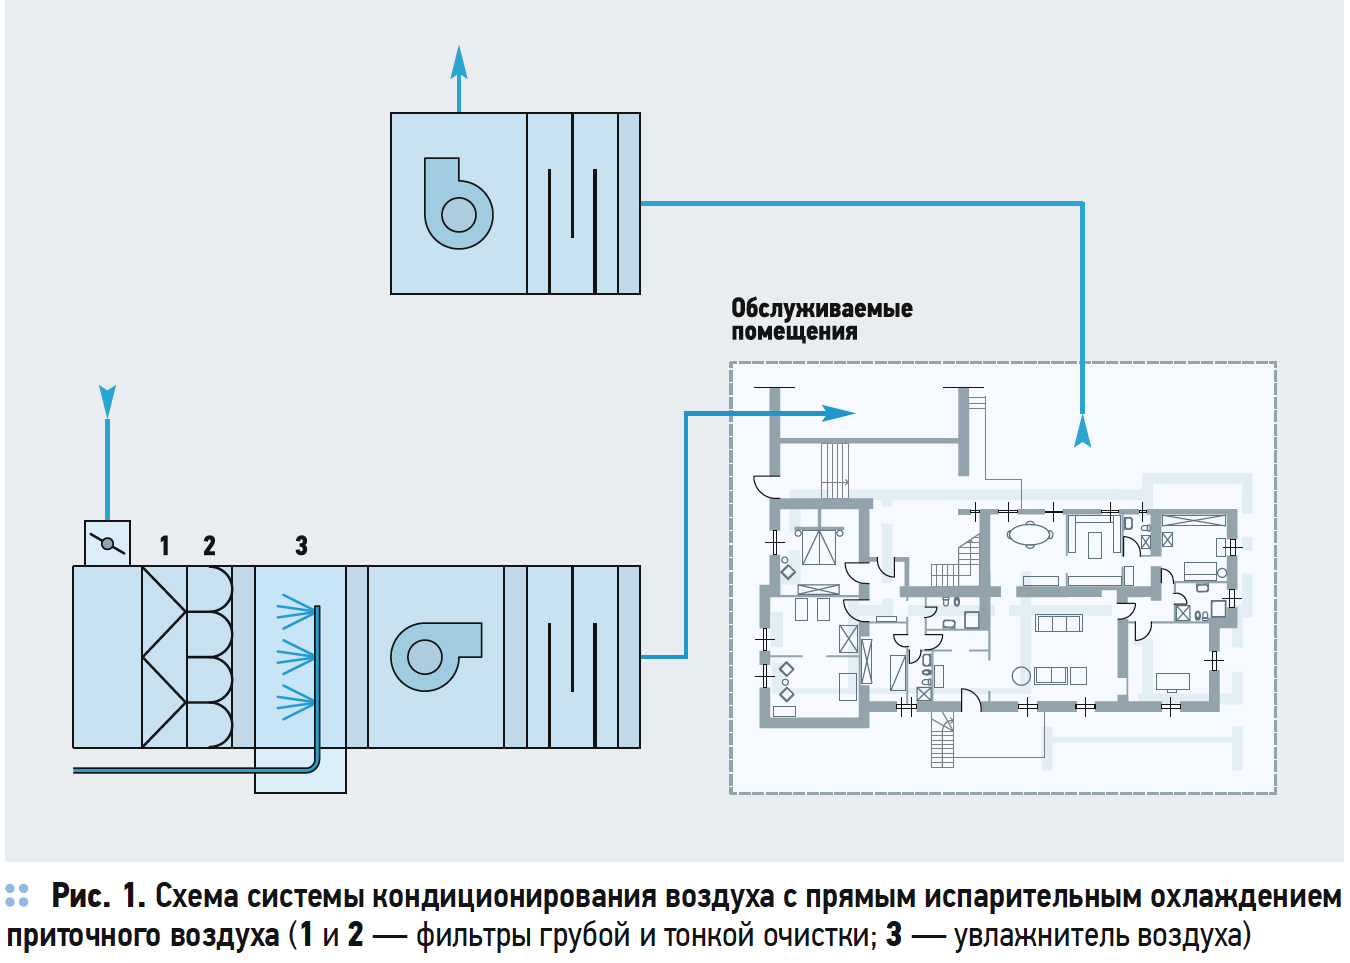 Схема системы кондиционирования воздуха с прямым испарительным охлаждением приточного воздуха